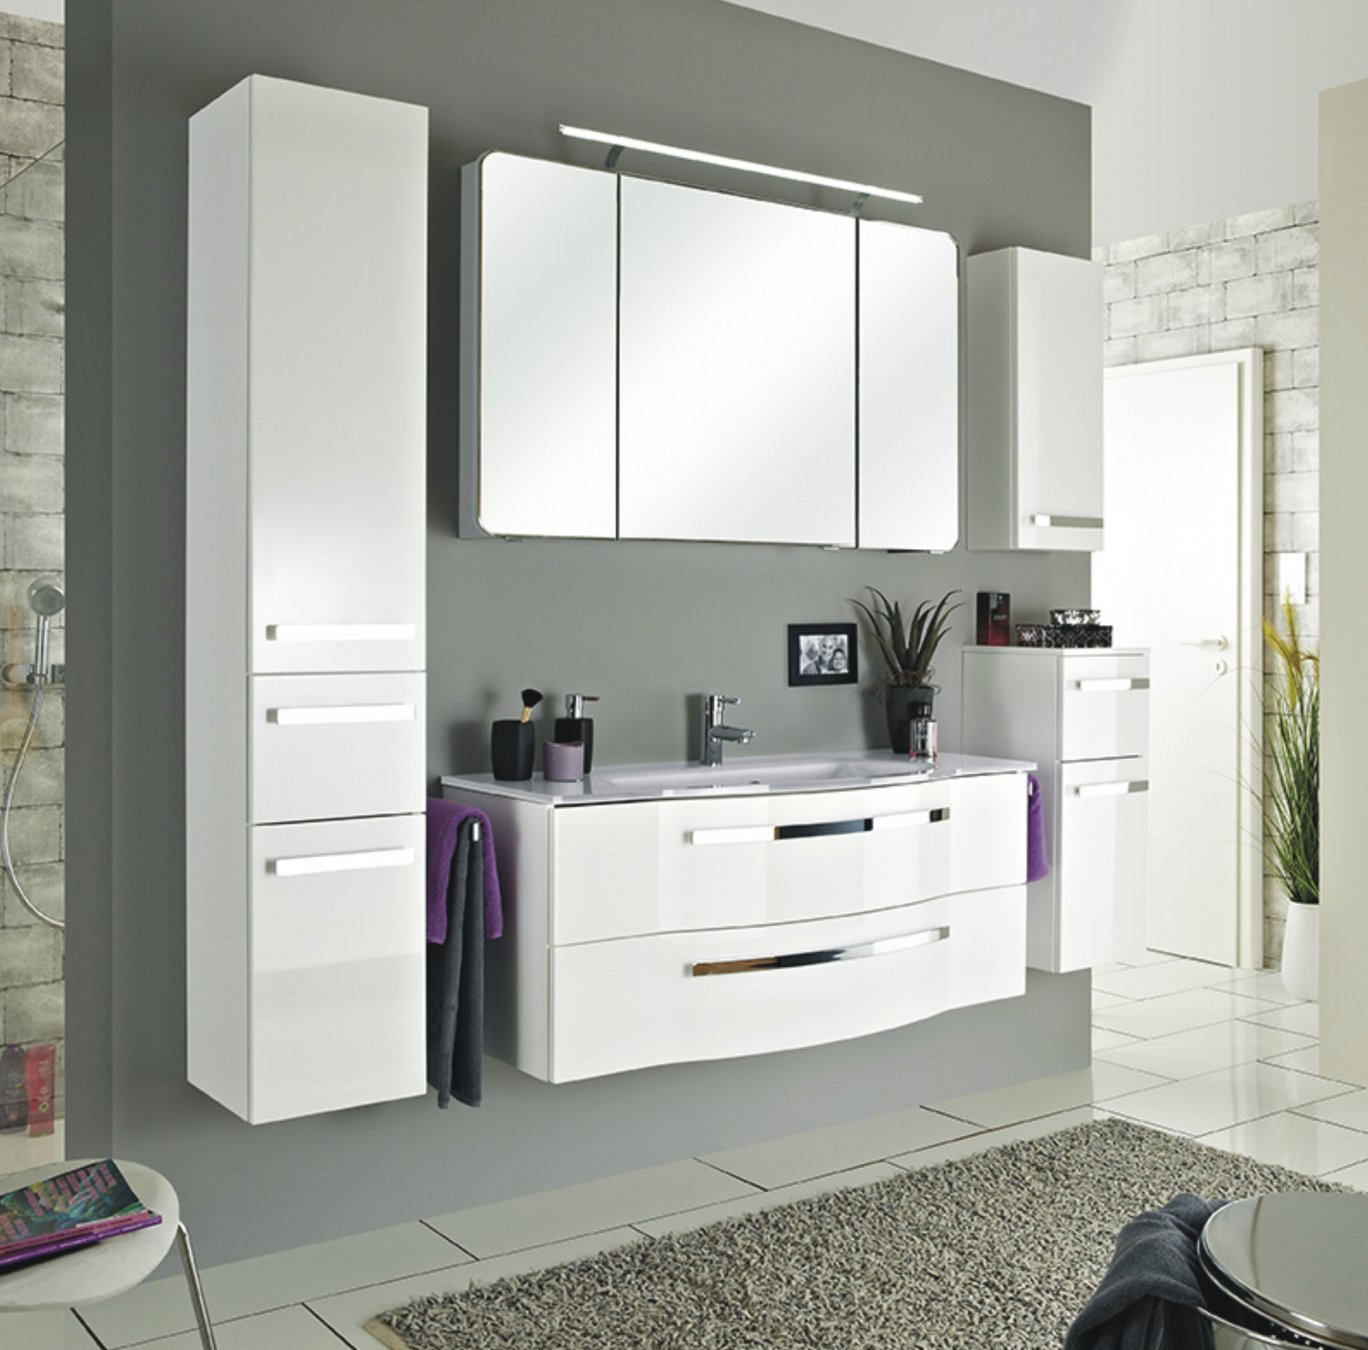 badmobel pelipal, pelipal fokus 4005 | badmöbel, Design ideen